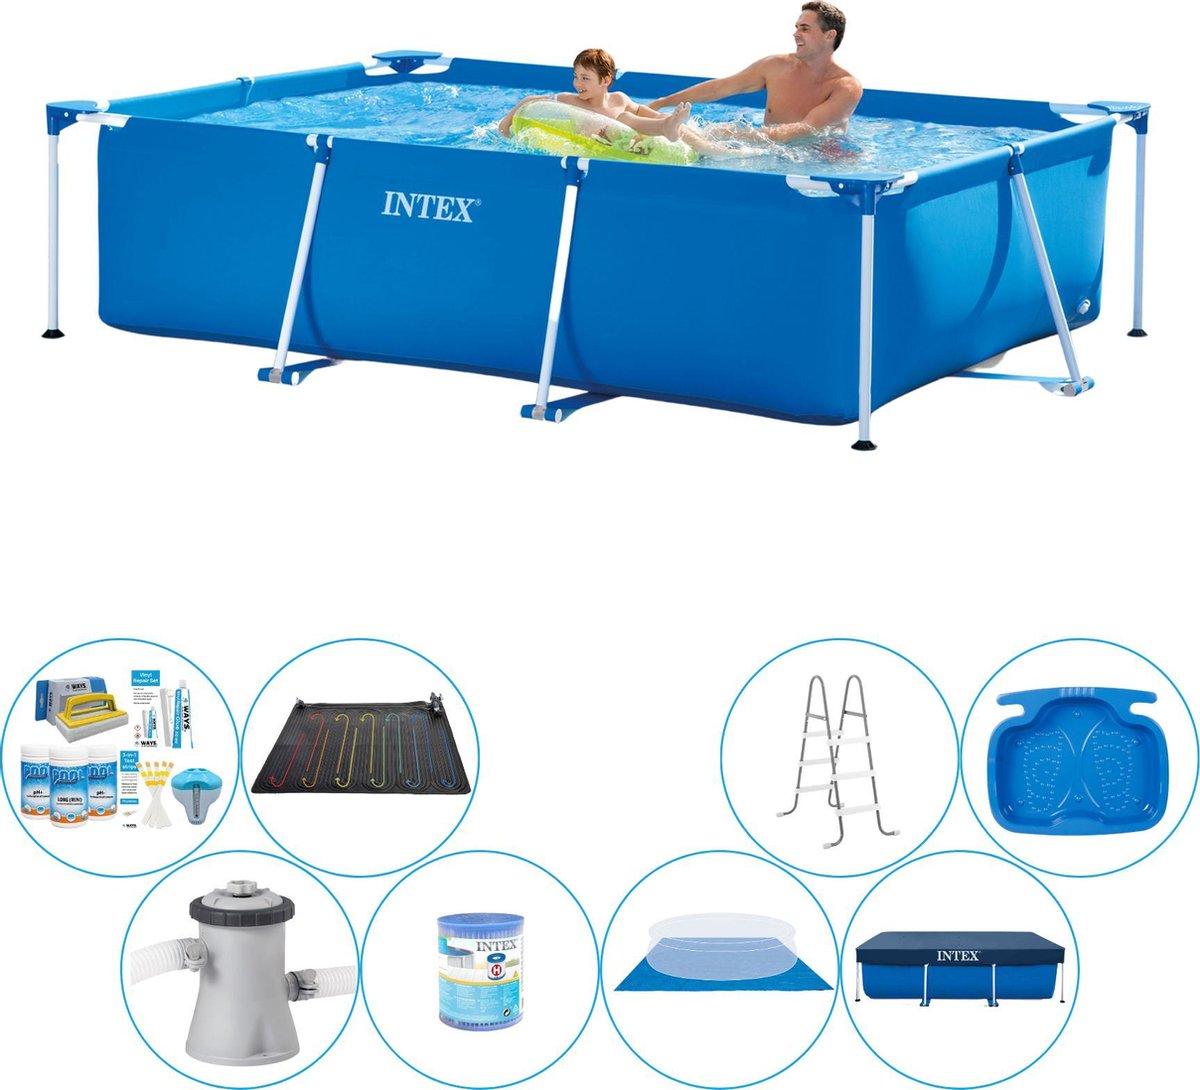 Intex Rechthoekig Zwembad - 260 x 160 x 65 cm - Inclusief alle benodigdheden